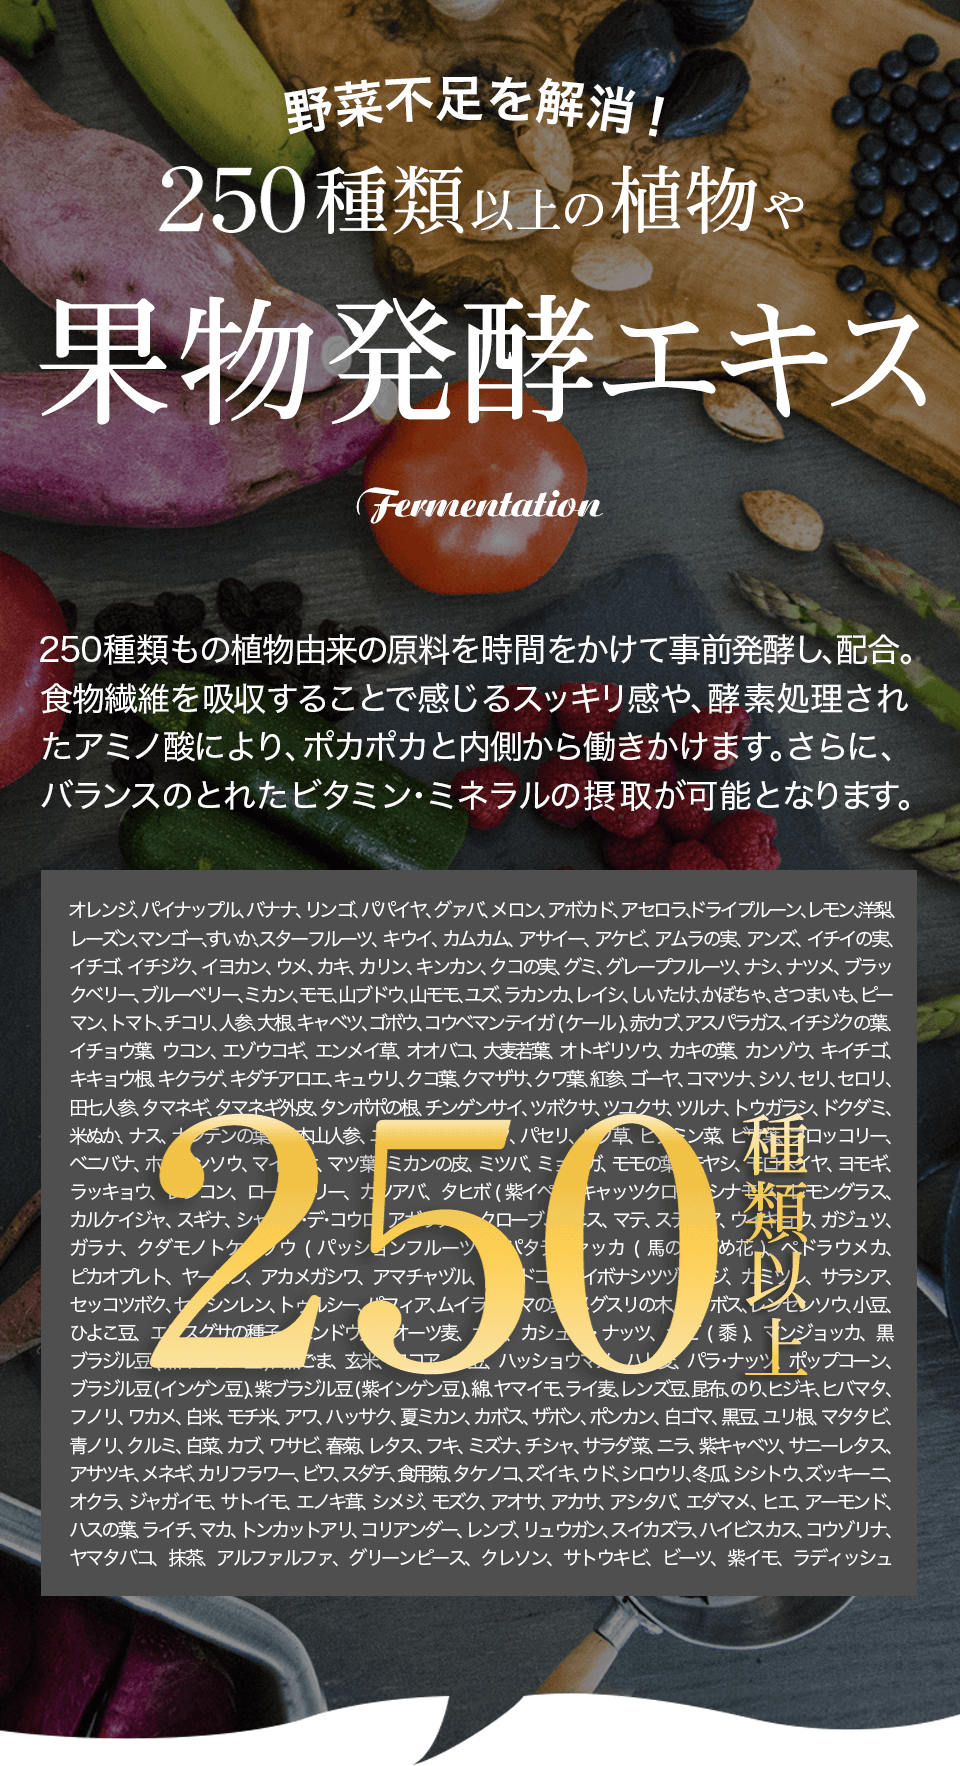 野菜不足を解消! 250種類以上の植物や果物発酵エキス